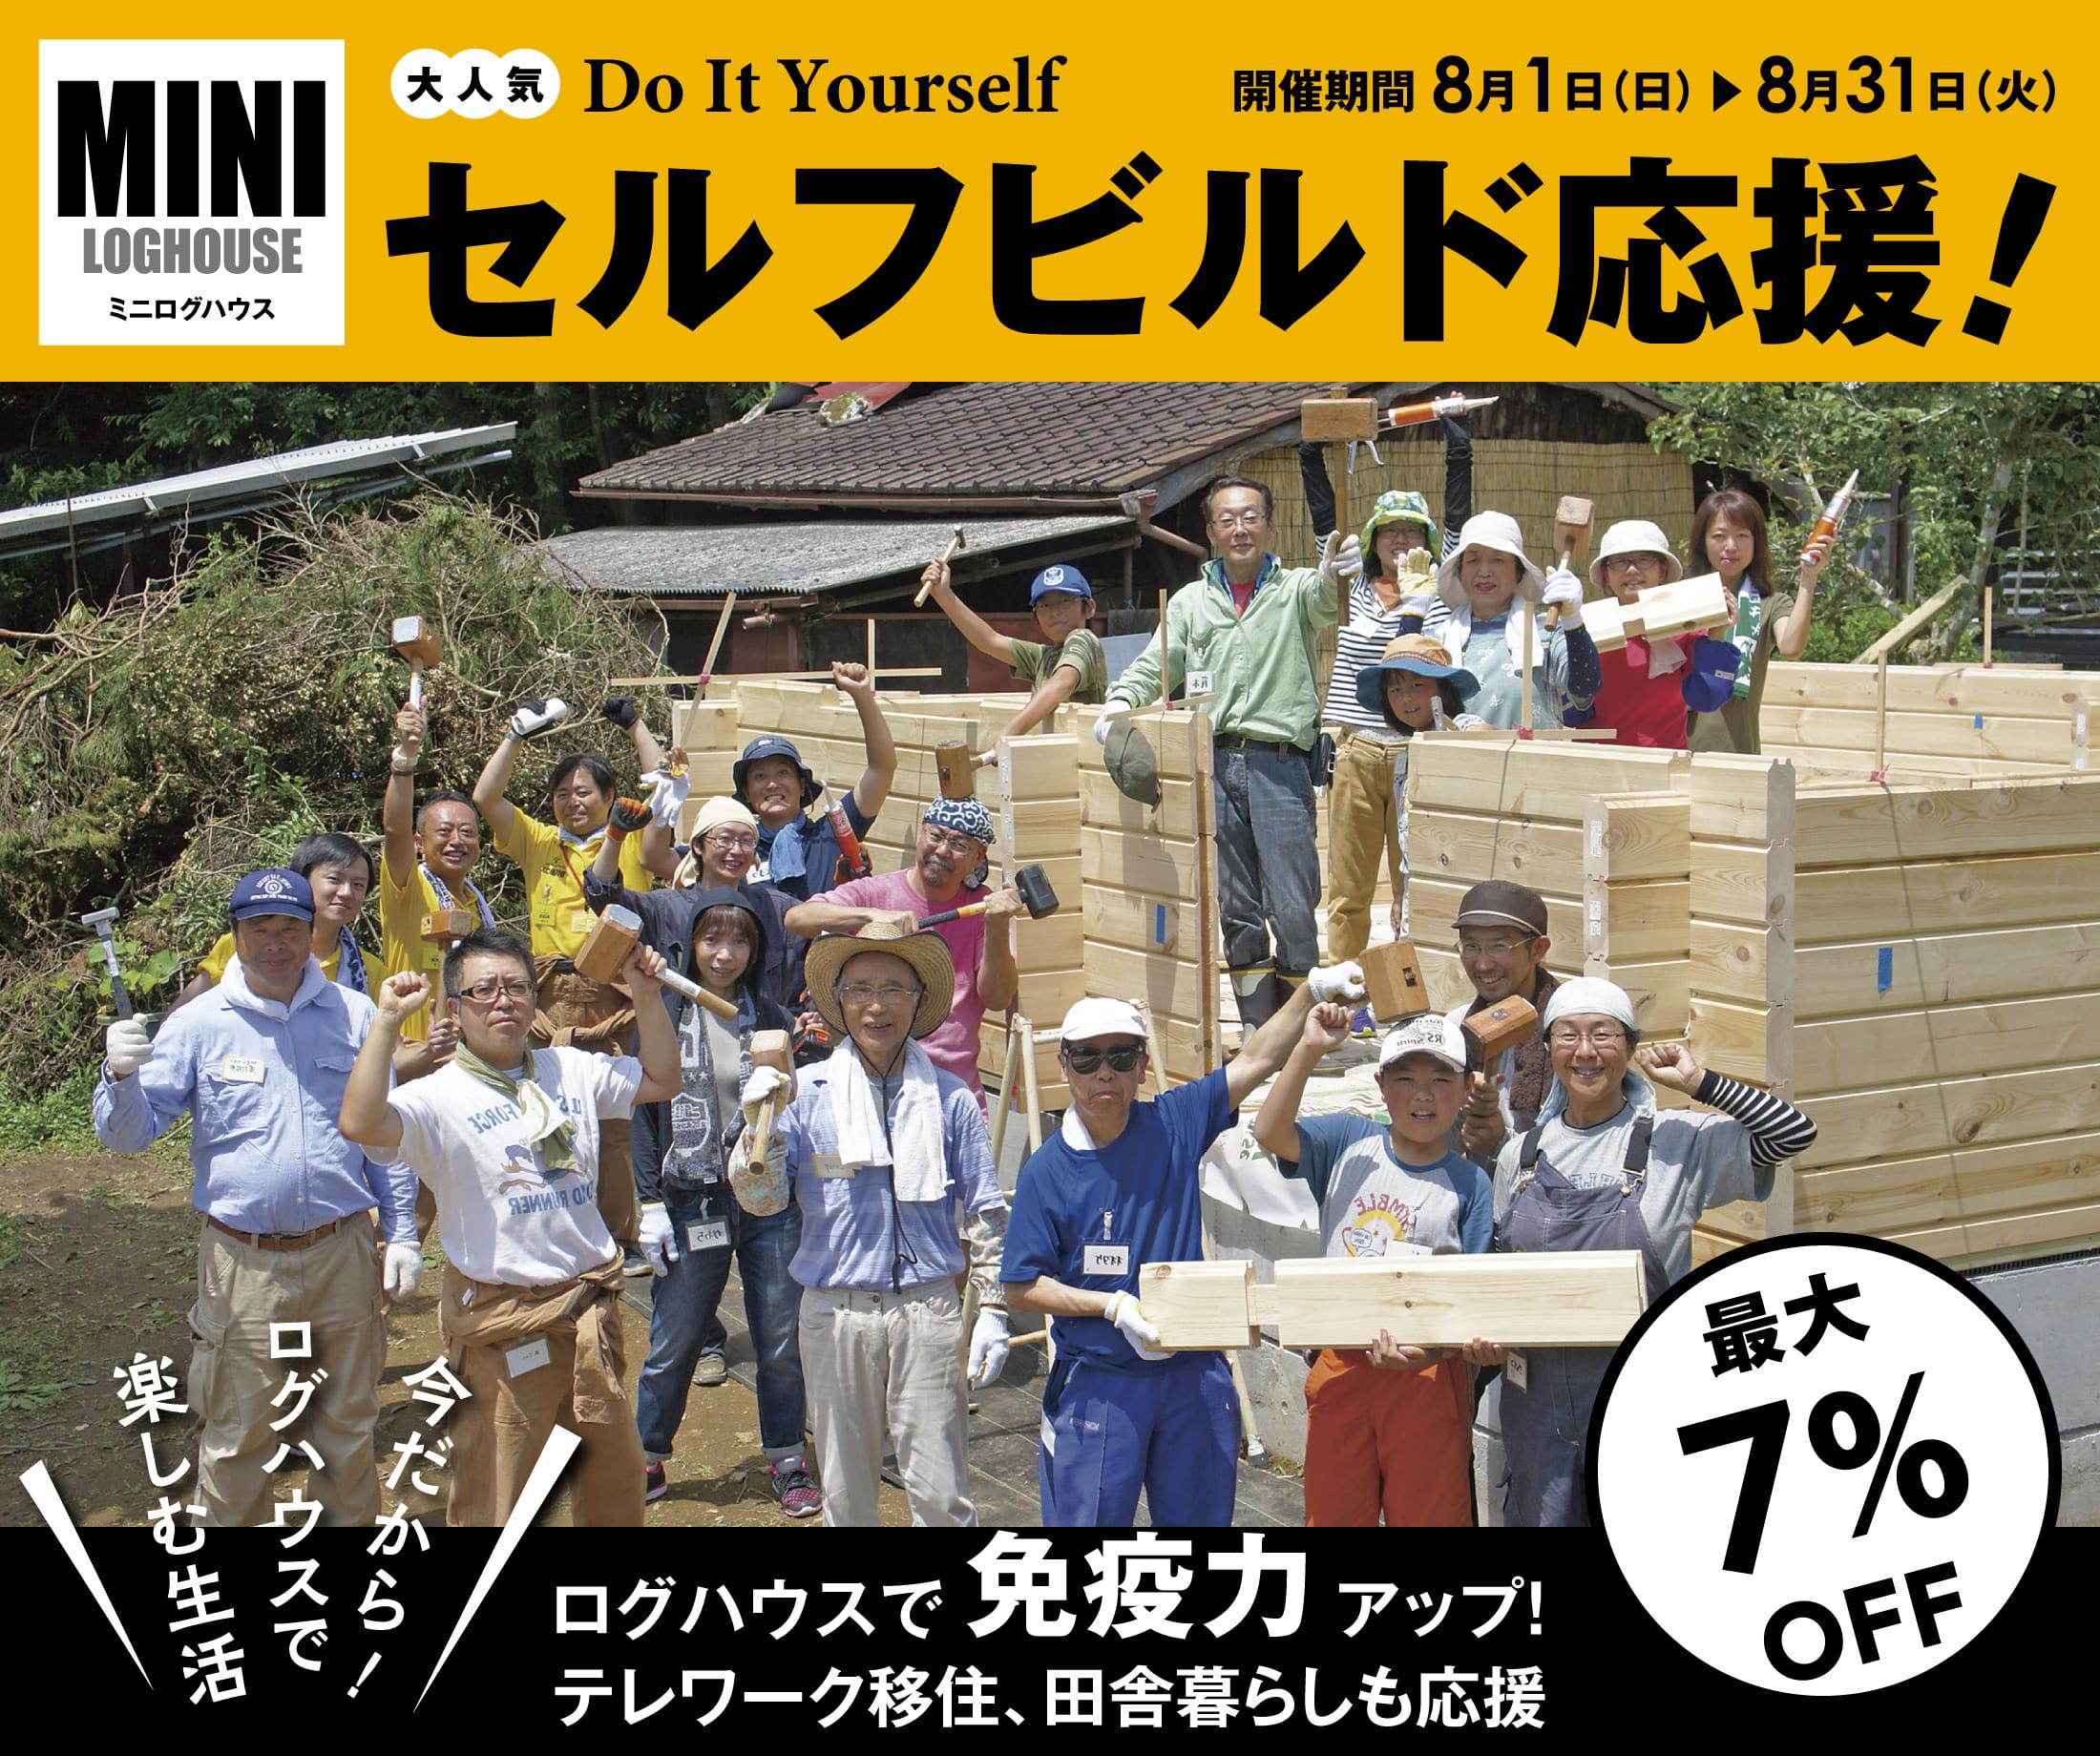 ビックボックスのミニログハウス。セルフビルド応援キャンペーン。通常キット価格より最大7%OFF!